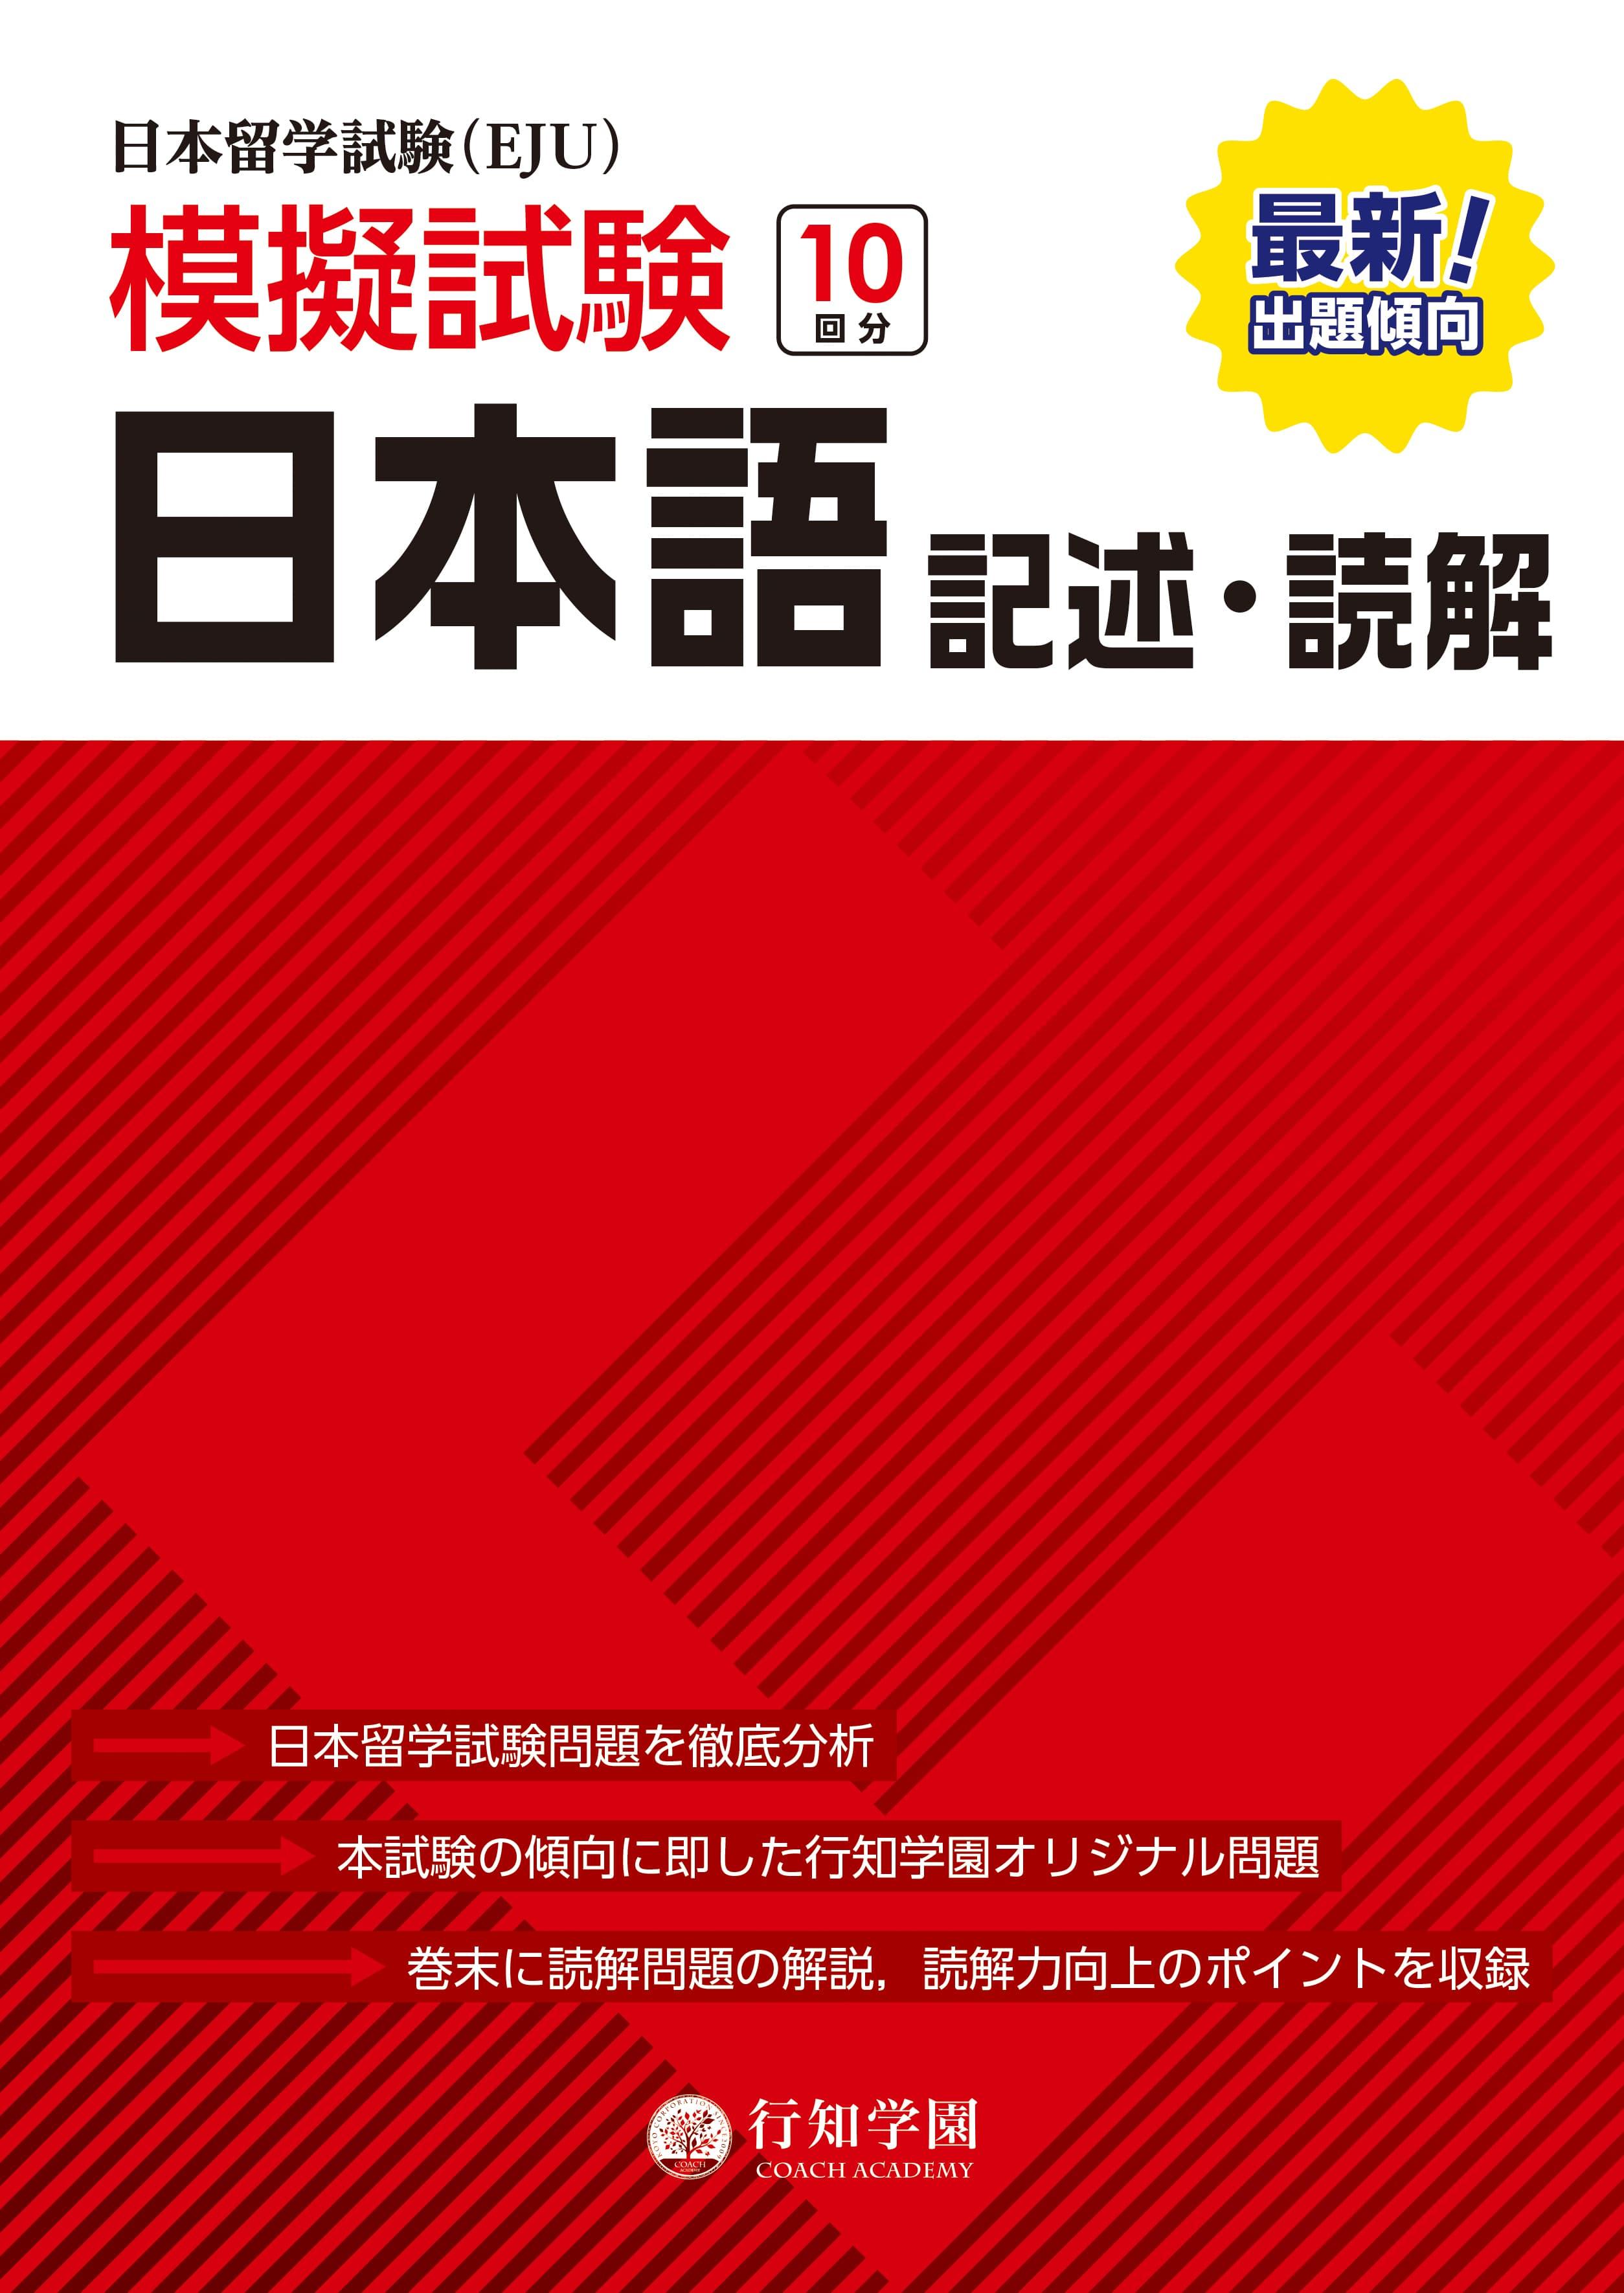 日本留学試験(EJU)模擬試験 日本語 記述・読解画像